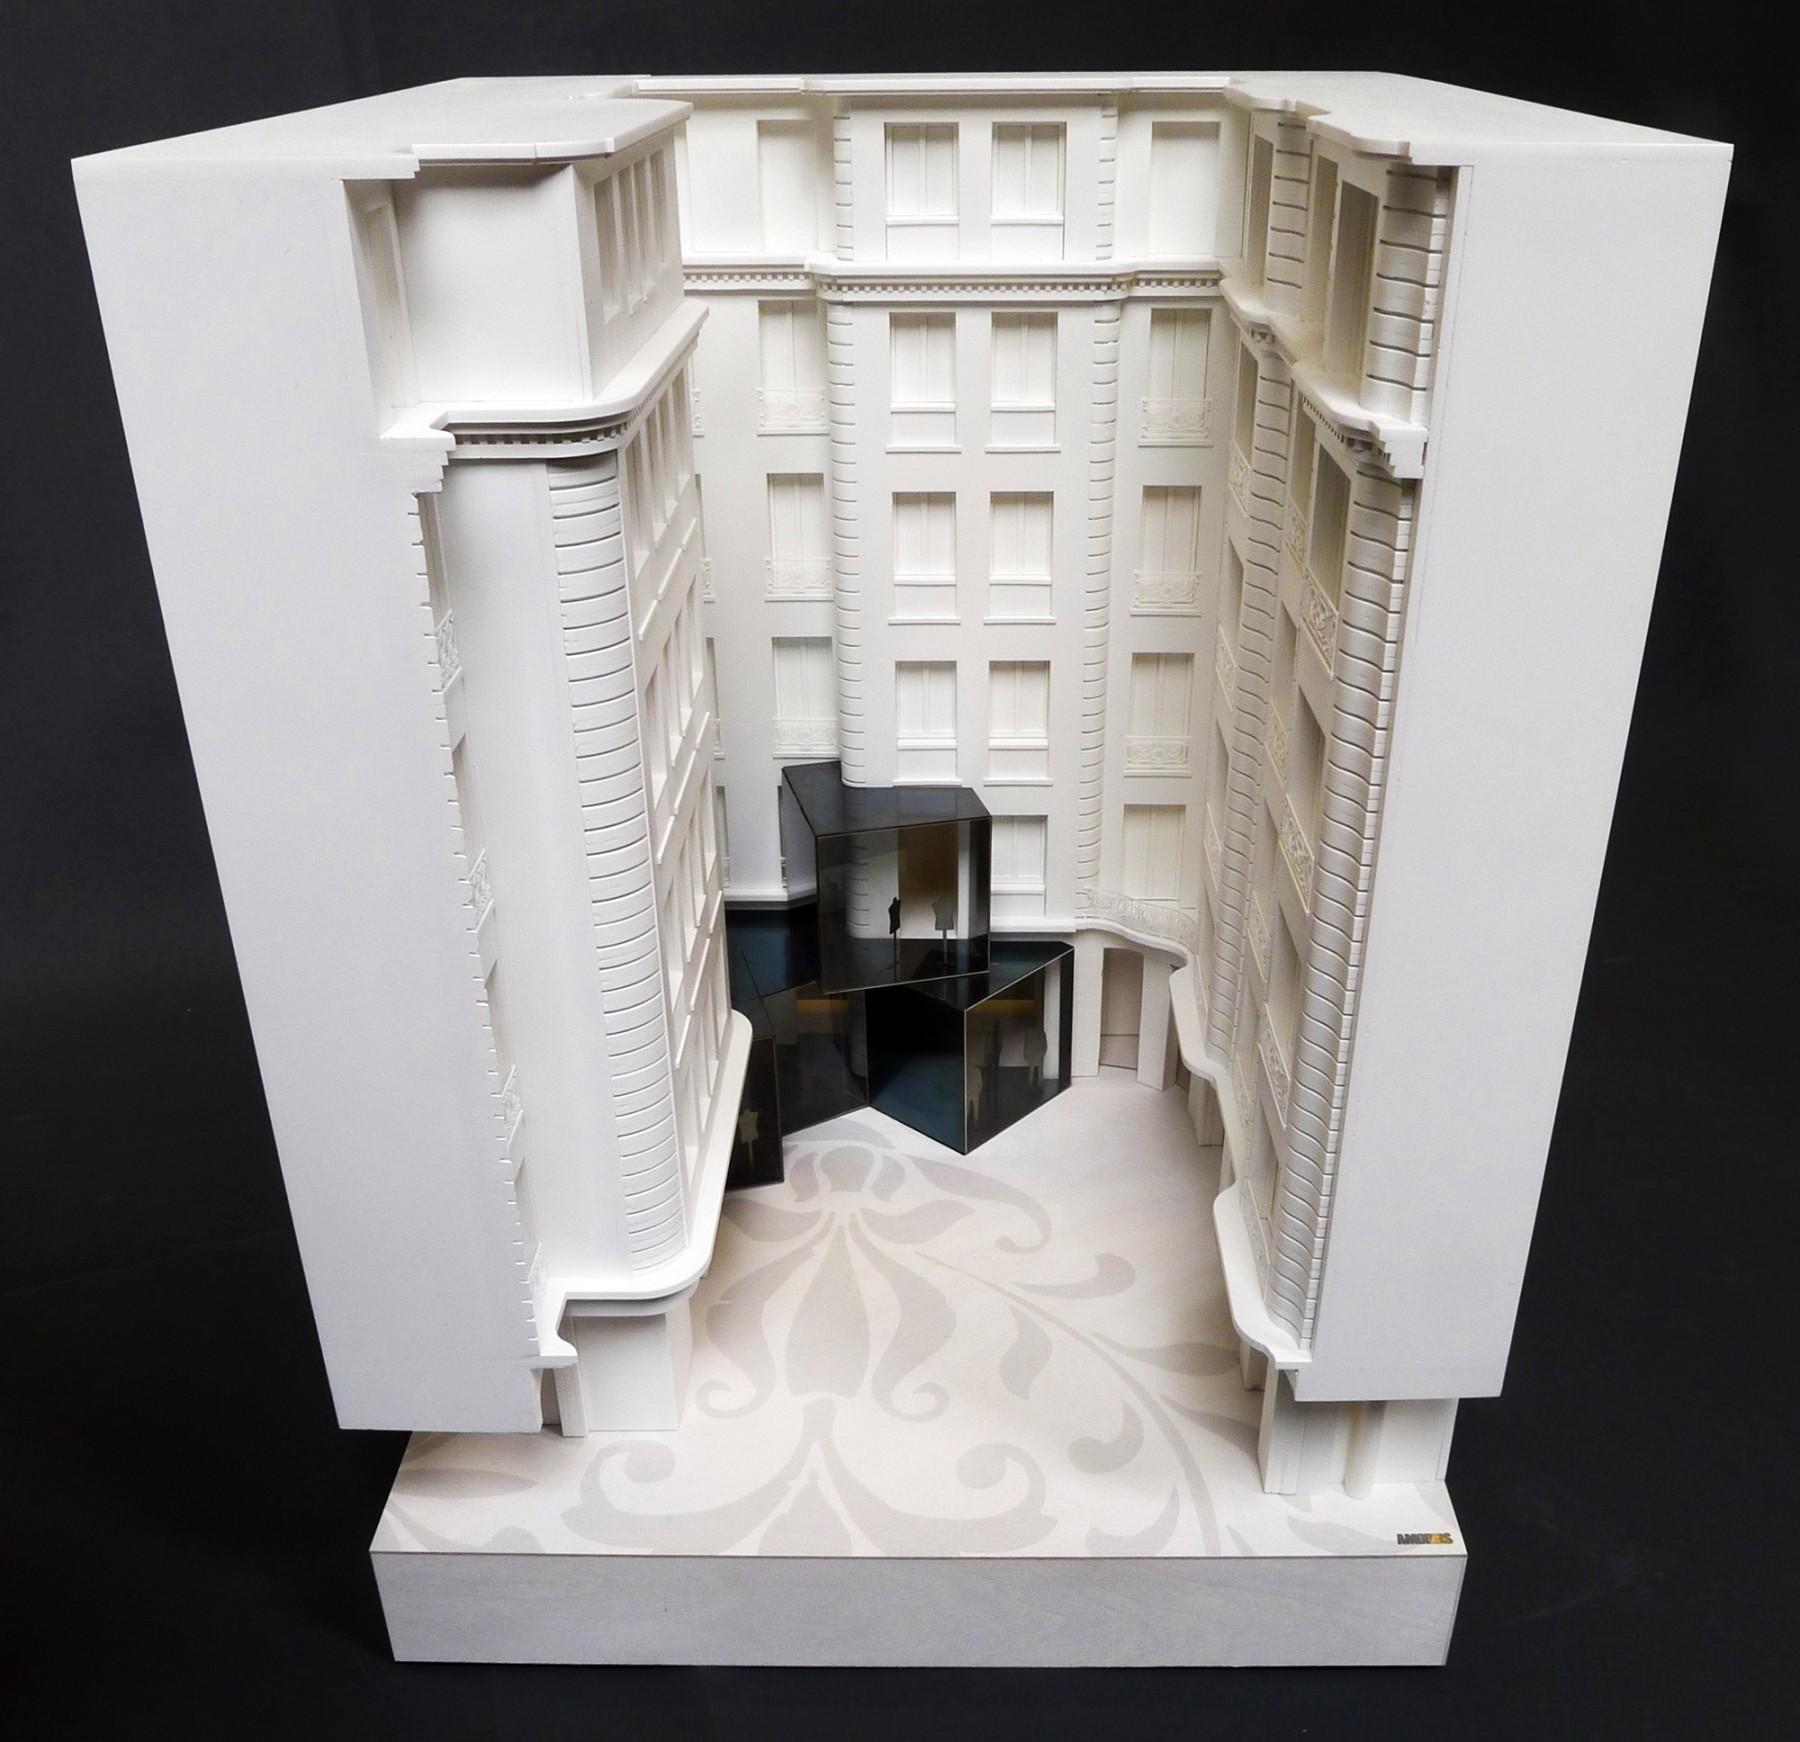 BHV-Galeries-Lafayette-Paris-retail-France-Hôtel-de-Ville-Department-store-shopping-Jamie-Fobert-Architects-model-2